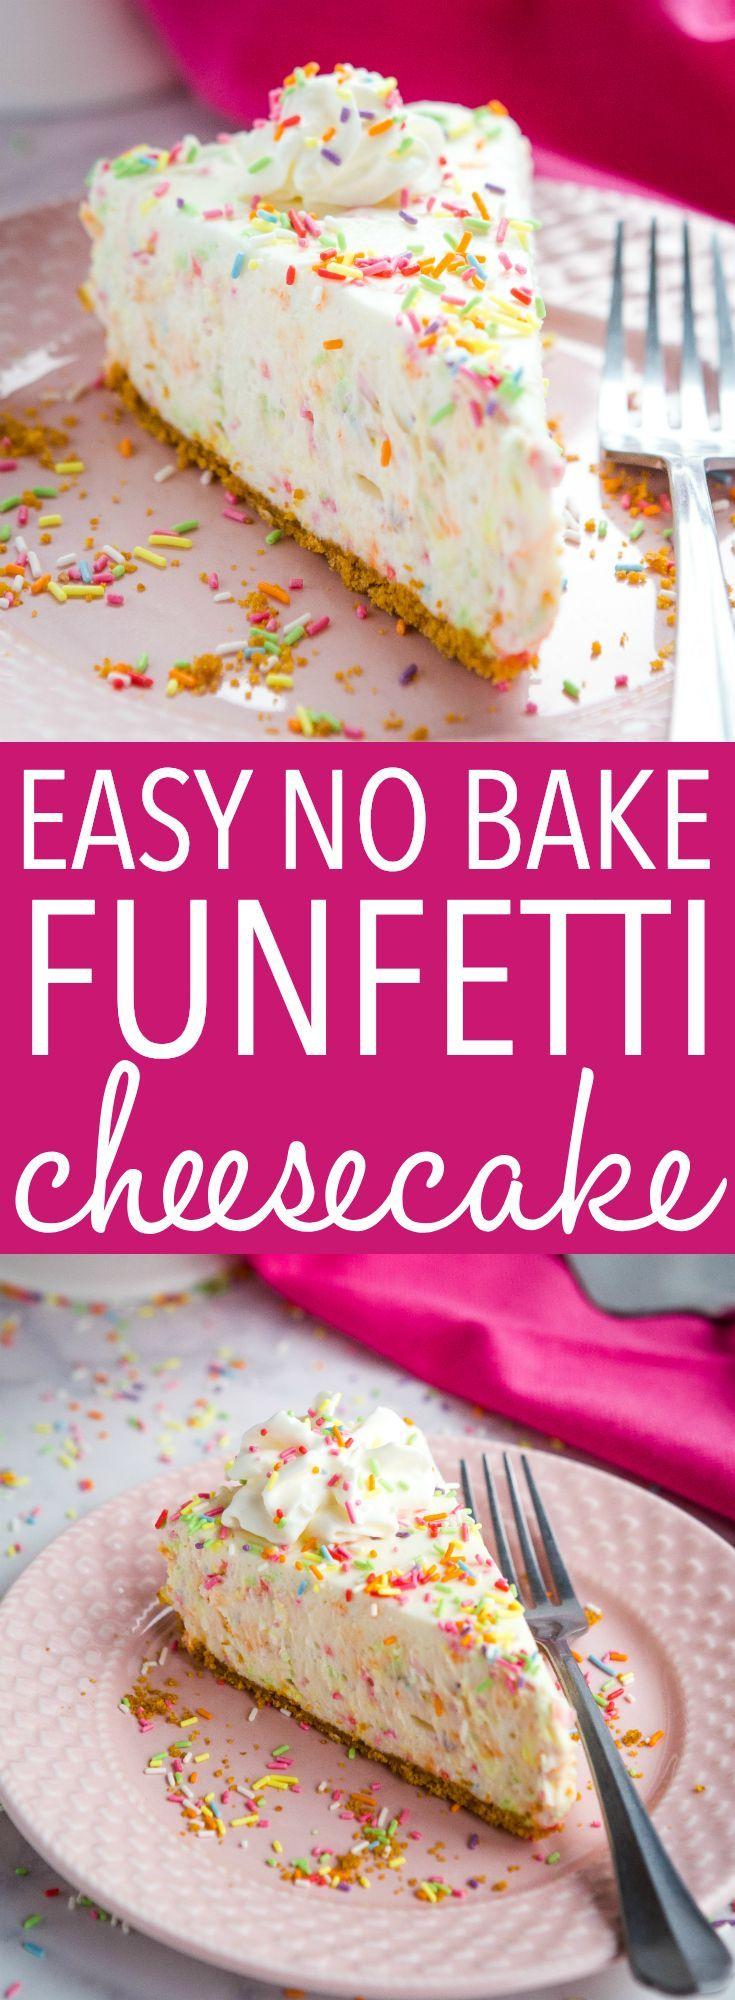 Dieser Easy No Bake Funfetti Cheesecake ist der perfekte Käsekuchen …